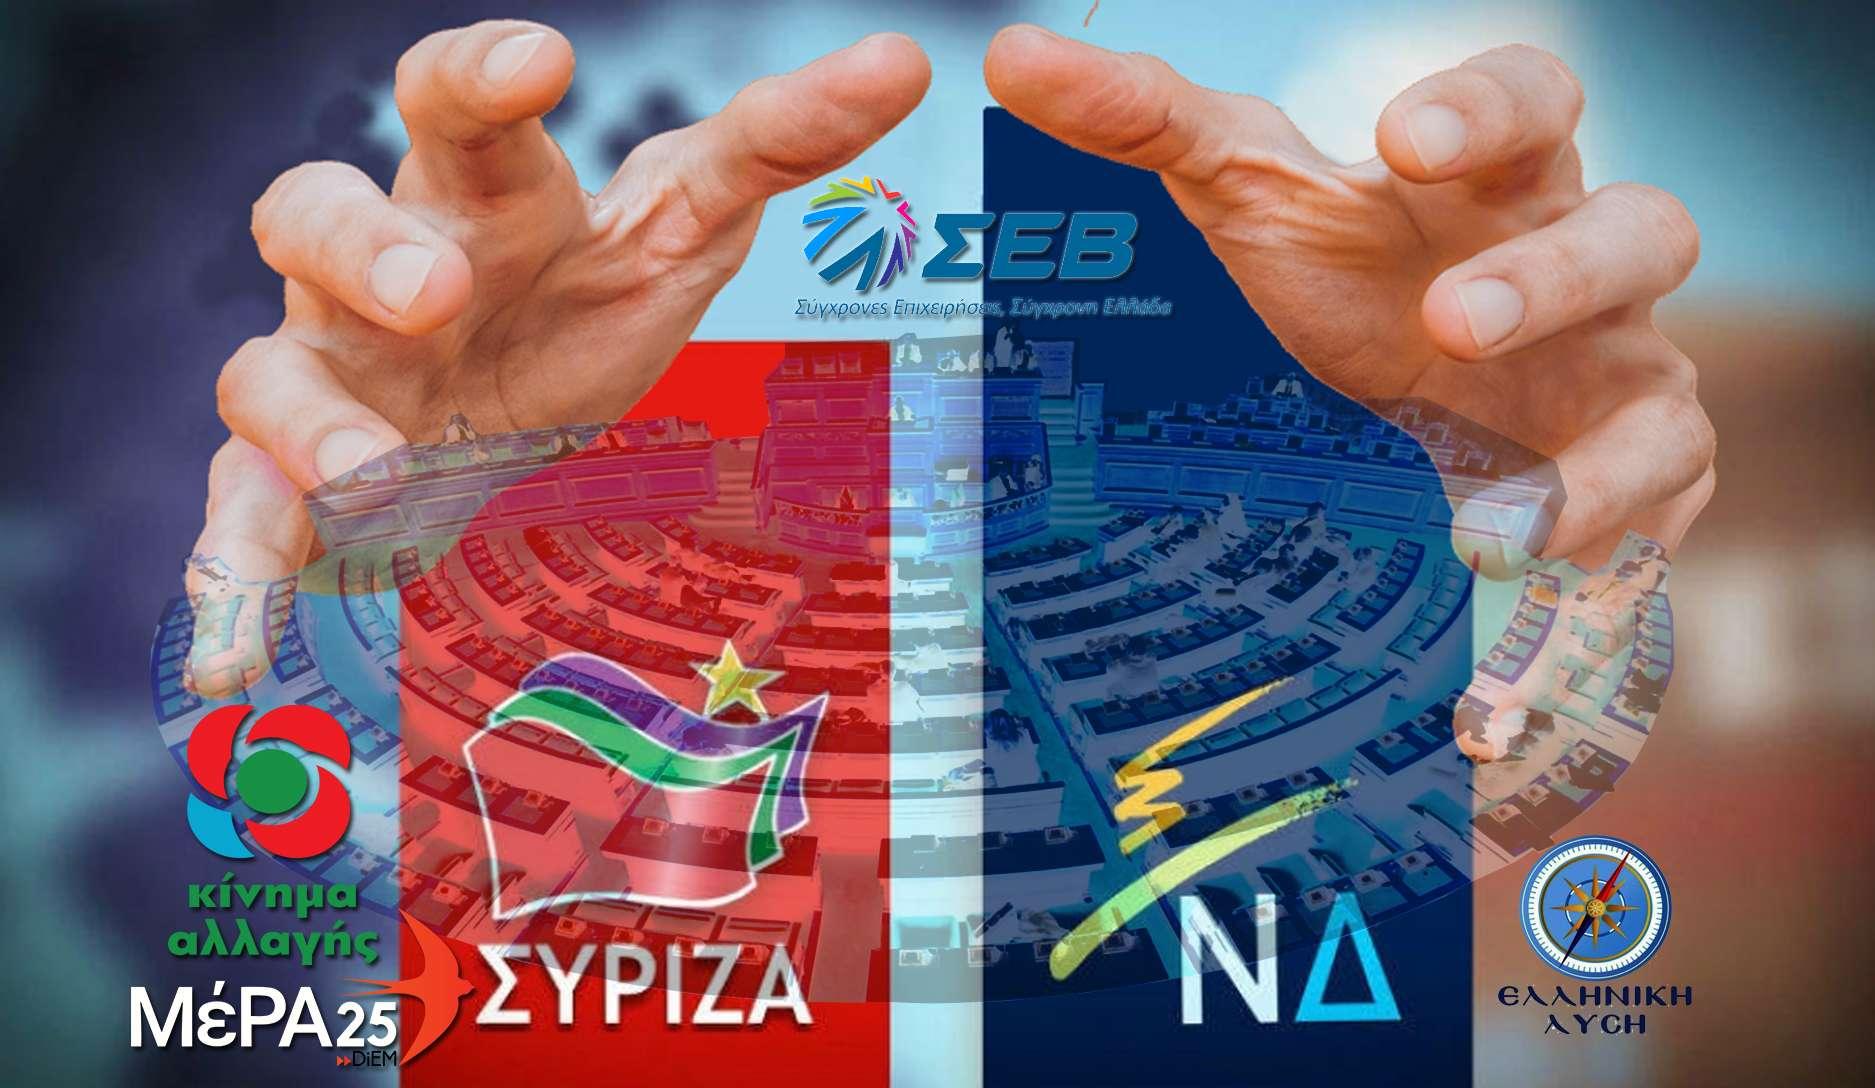 Με εξαίρεση το ΚΚΕ πέντε κόμματα δύο πολιτικές